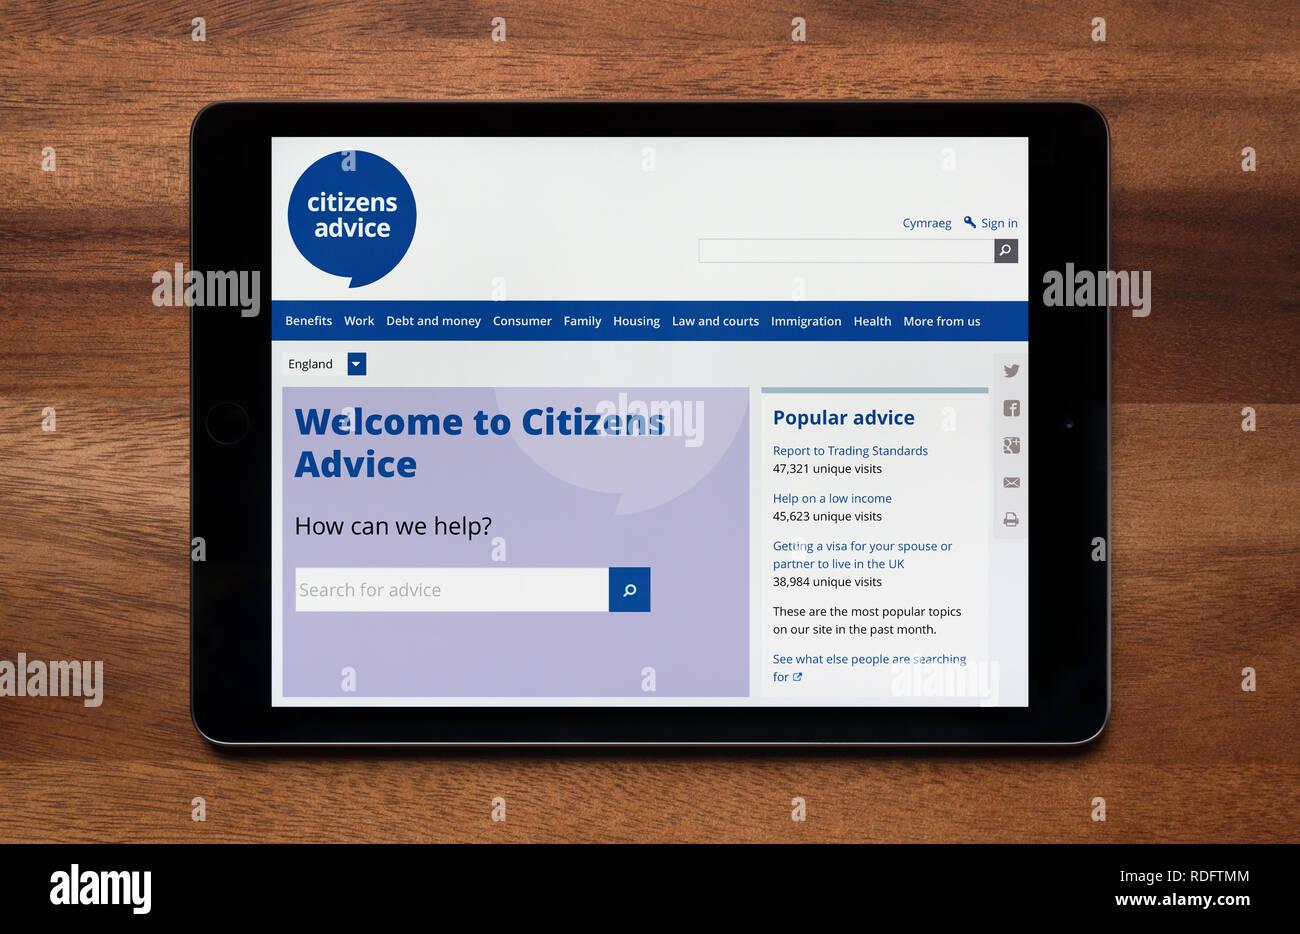 Le site web de conseils citoyens est vu sur un iPad tablet, qui repose sur une table en bois (usage éditorial uniquement). Photo Stock